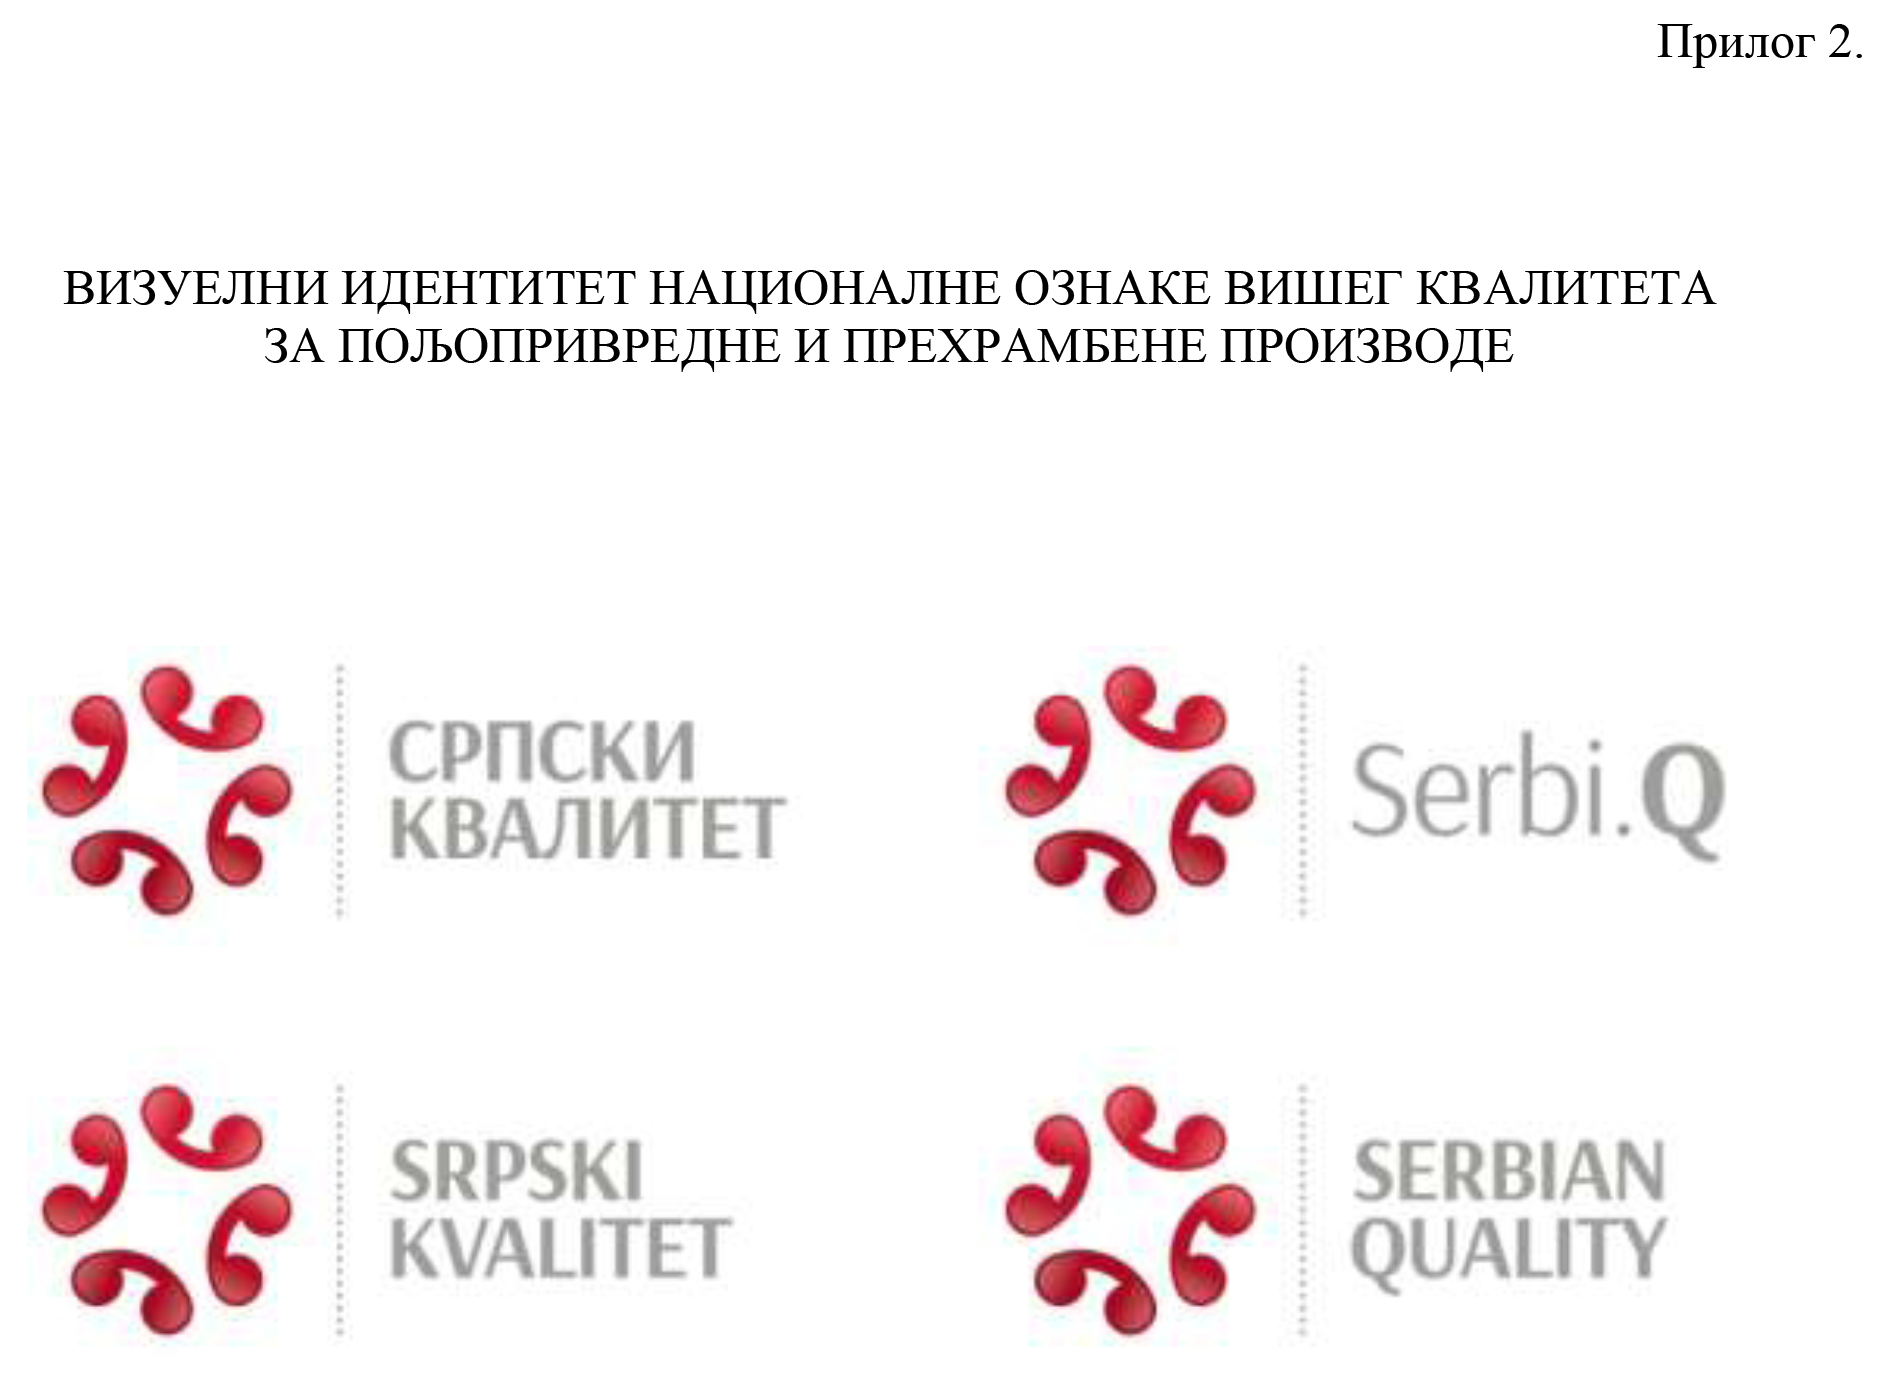 uredba-o-oznaci-srpski-kvalitet-prilog-2